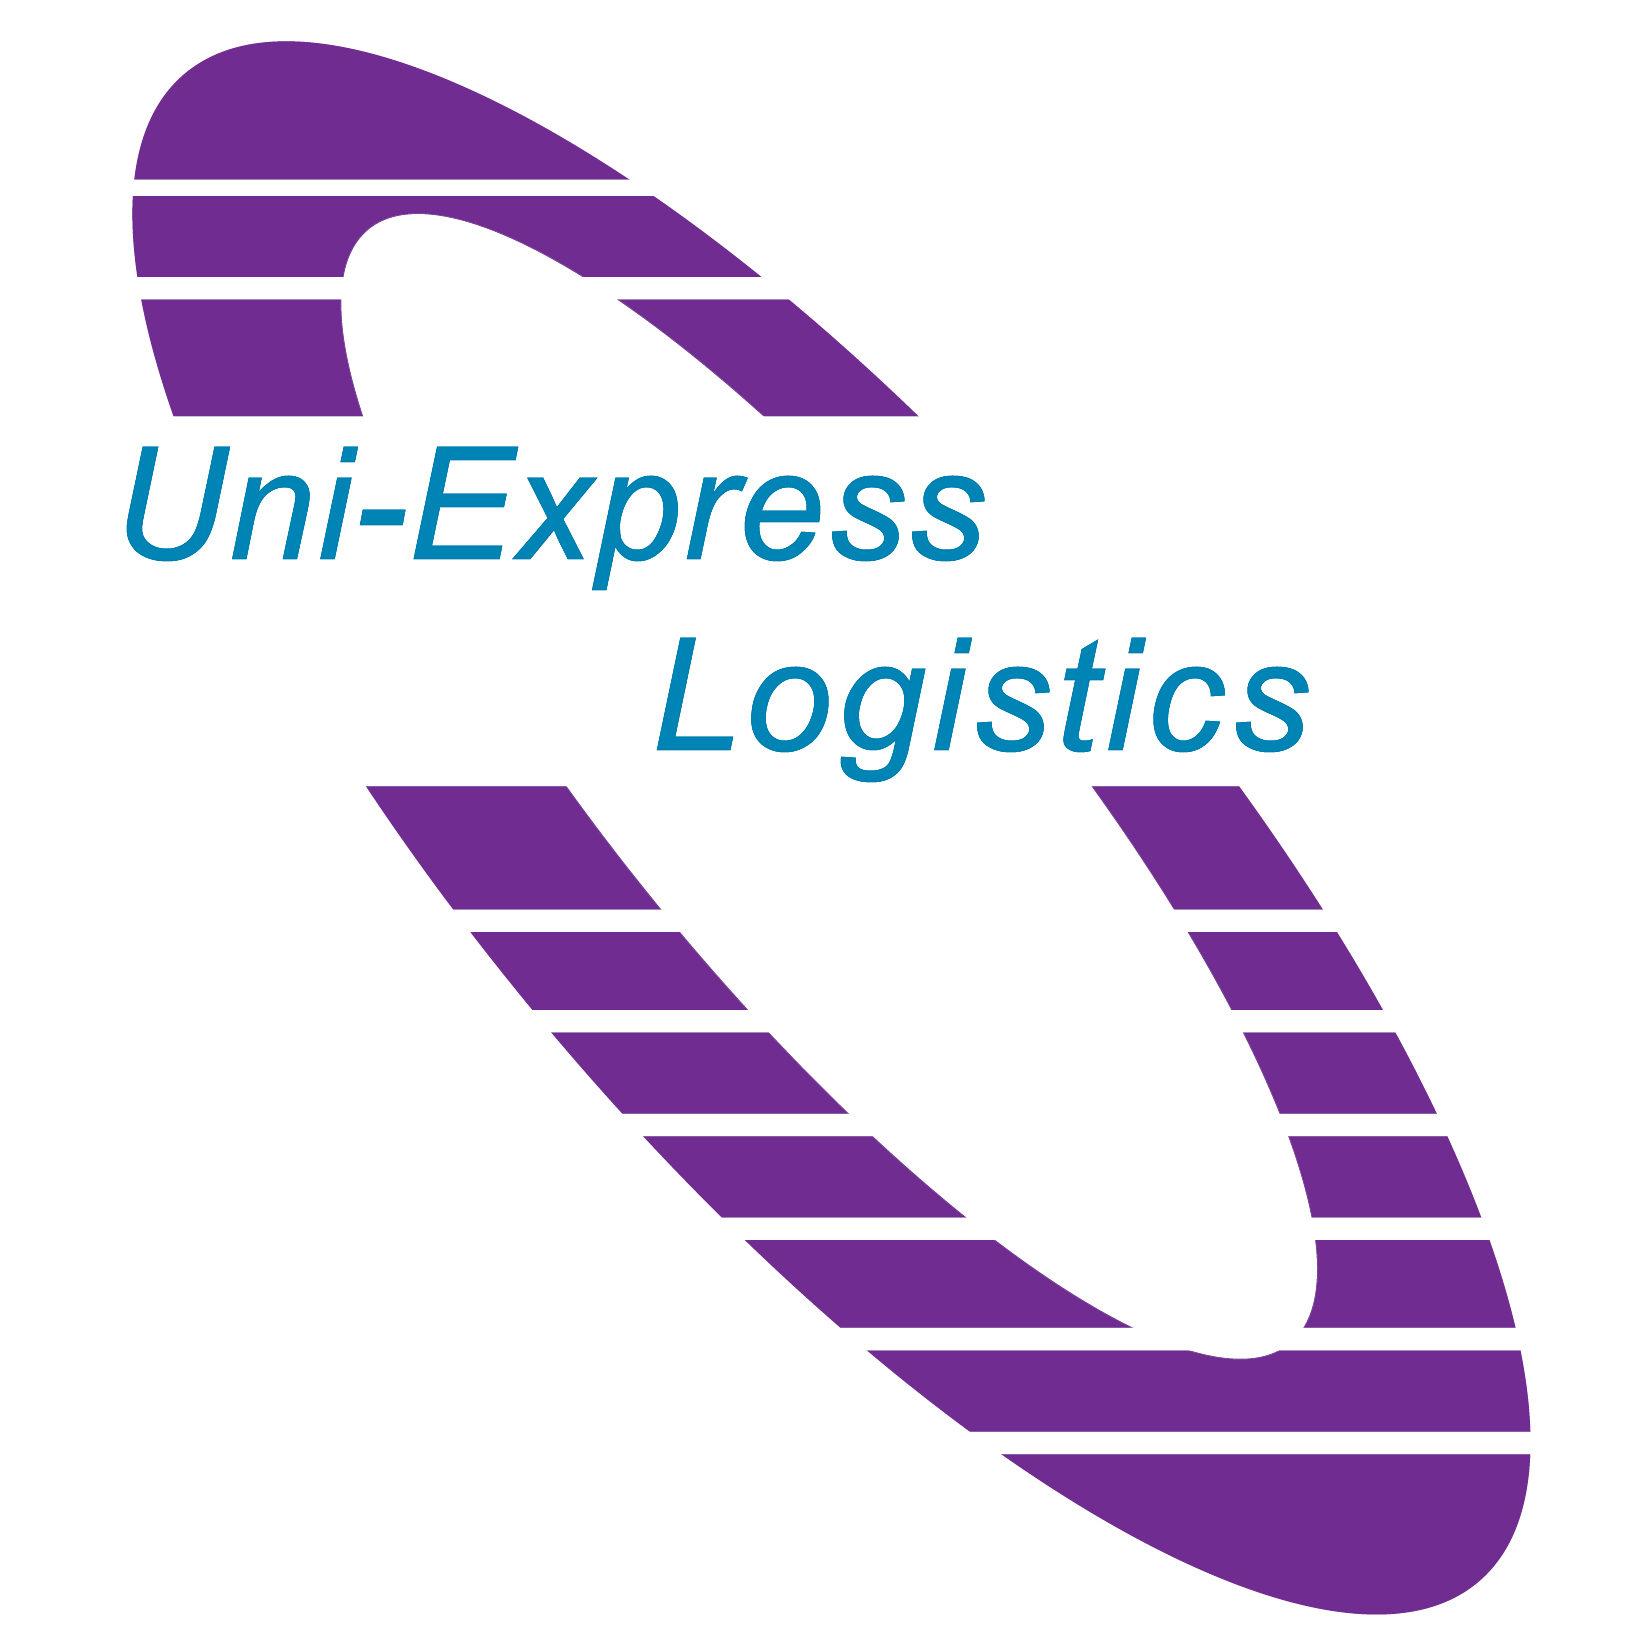 Uni-Express Logistics SDN BHD & Unitrade Logistics SDN BHD ...